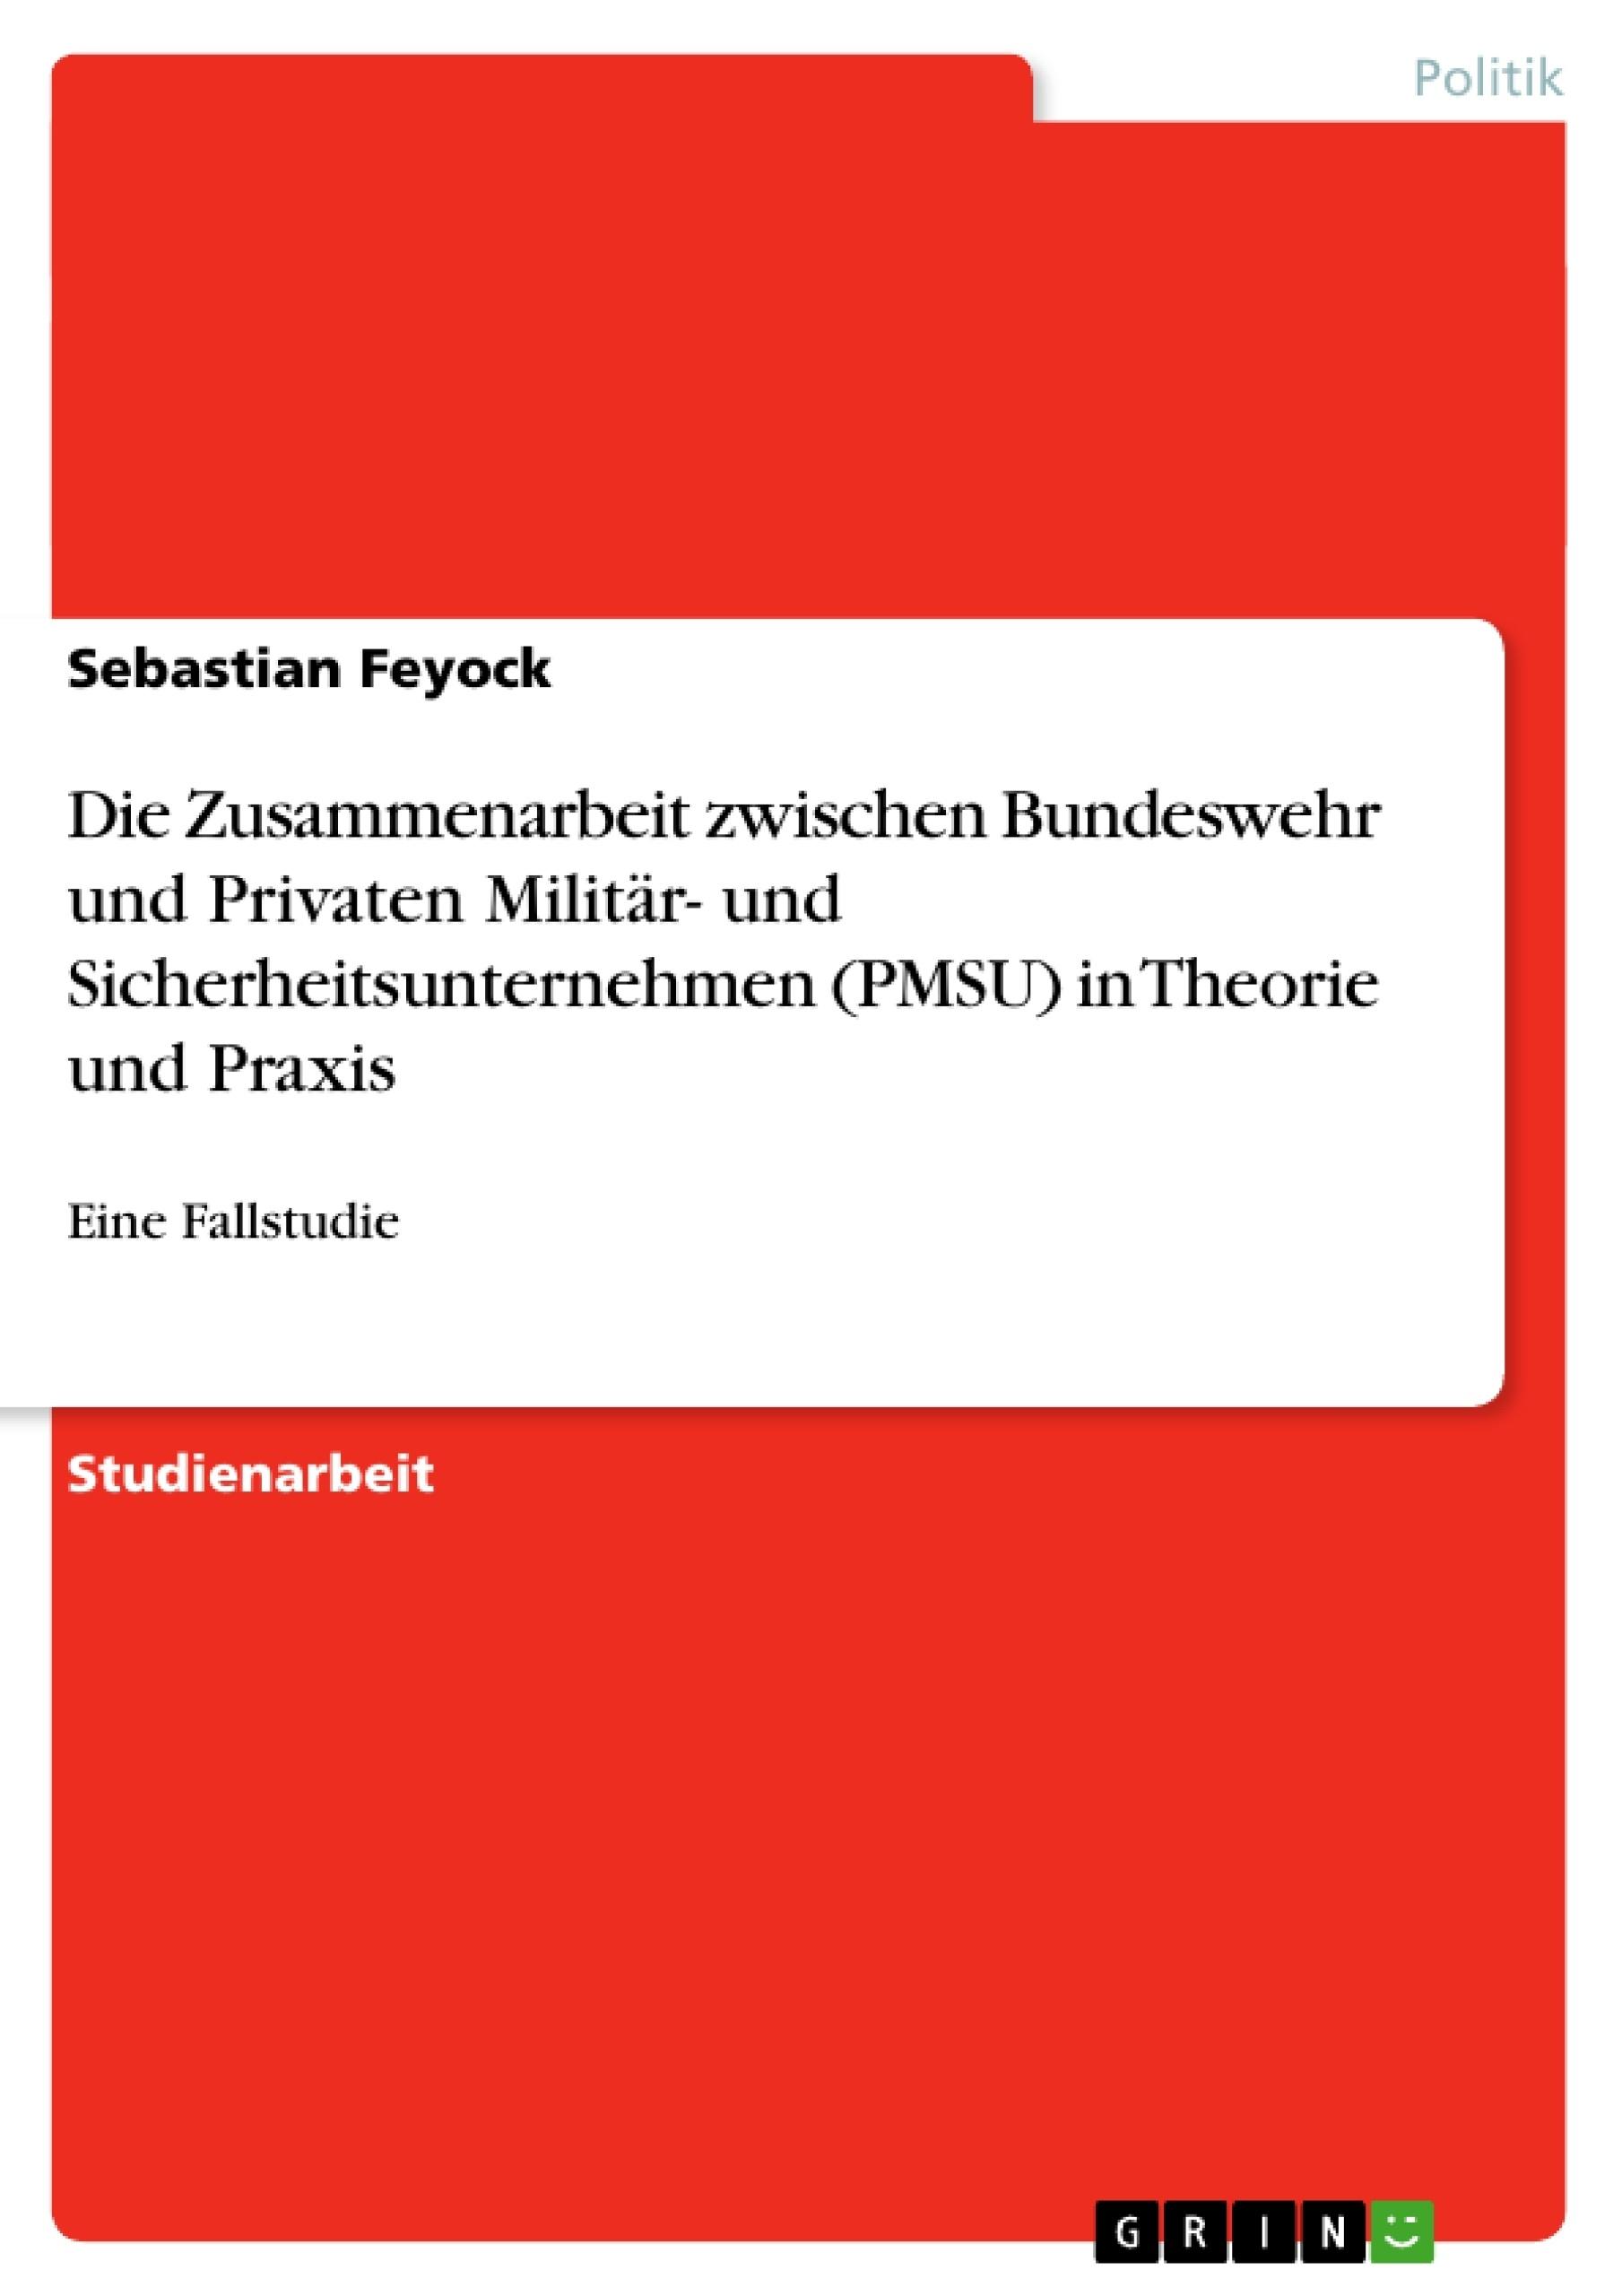 Titel: Die Zusammenarbeit zwischen Bundeswehr und Privaten Militär- und Sicherheitsunternehmen (PMSU) in Theorie und Praxis